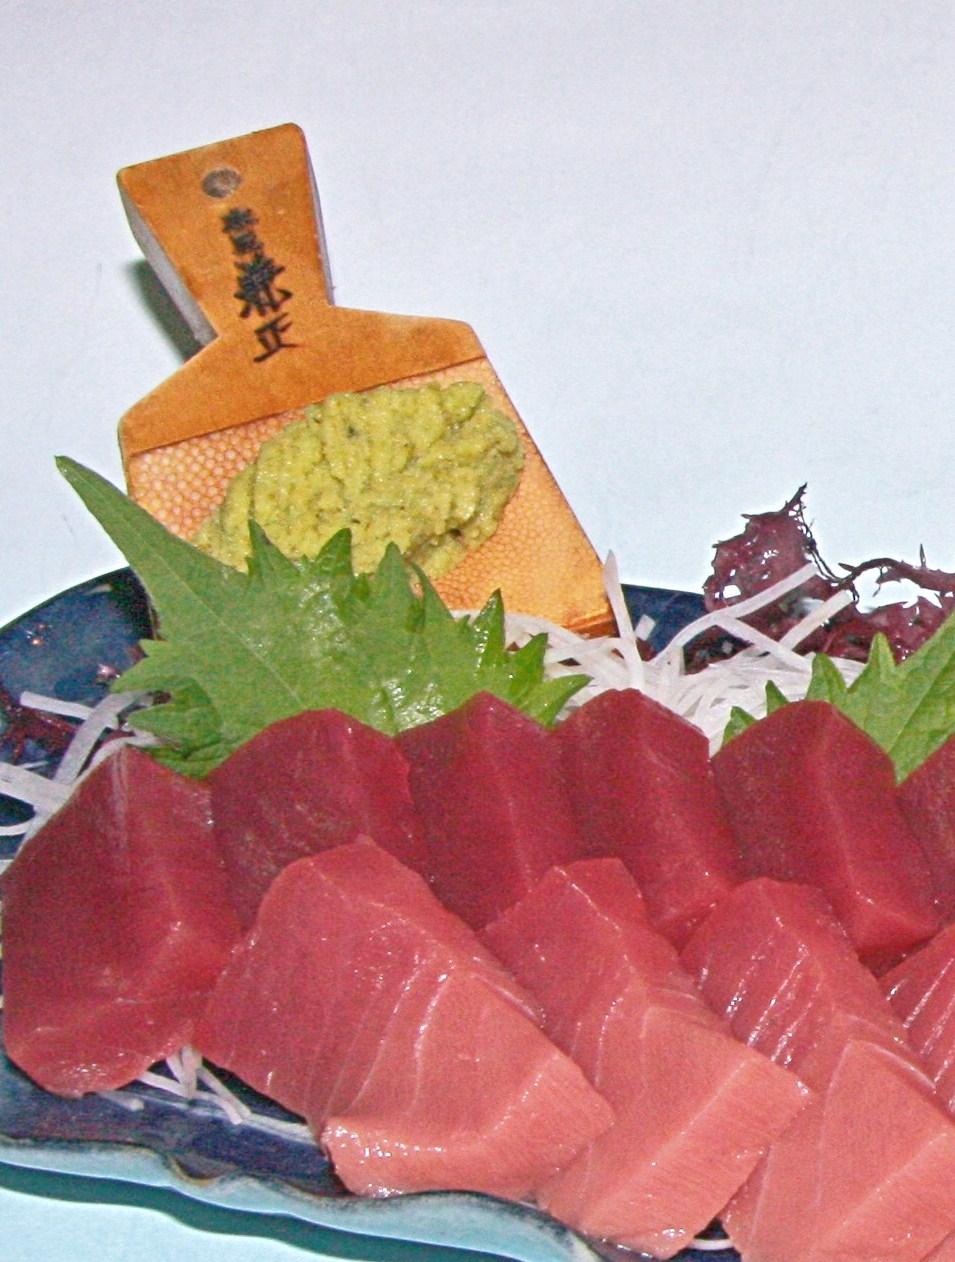 Matsuura Bluefin tuna